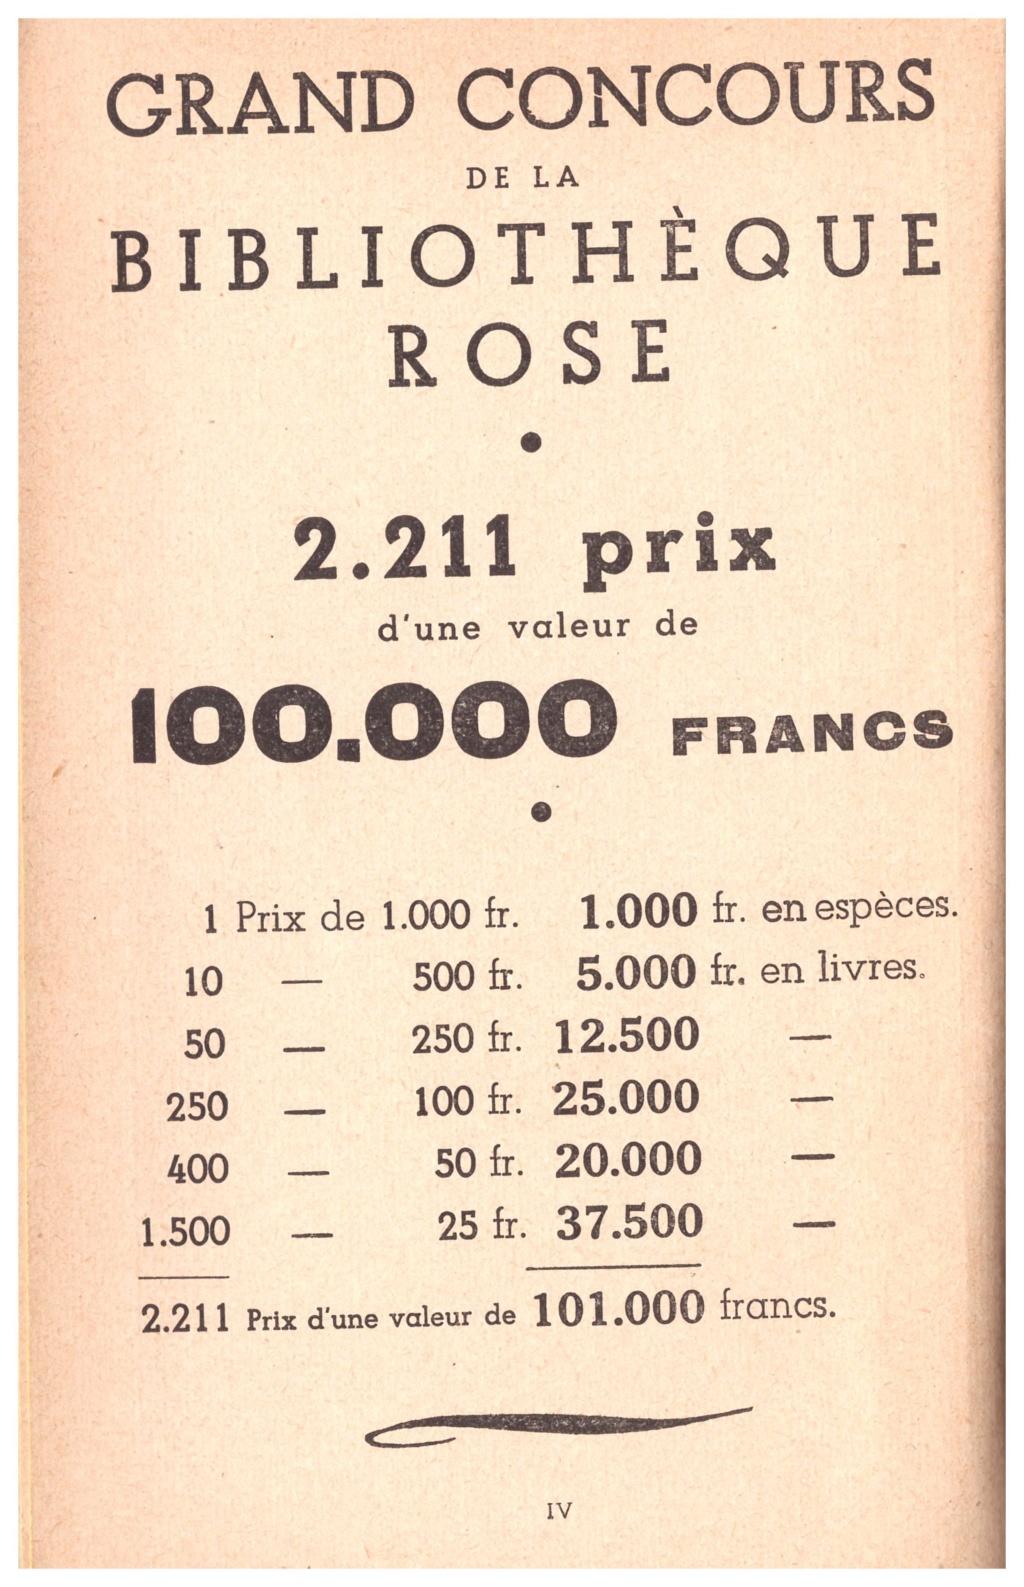 Grand concours de la bibliothèque rose - Page 2 Num_2033